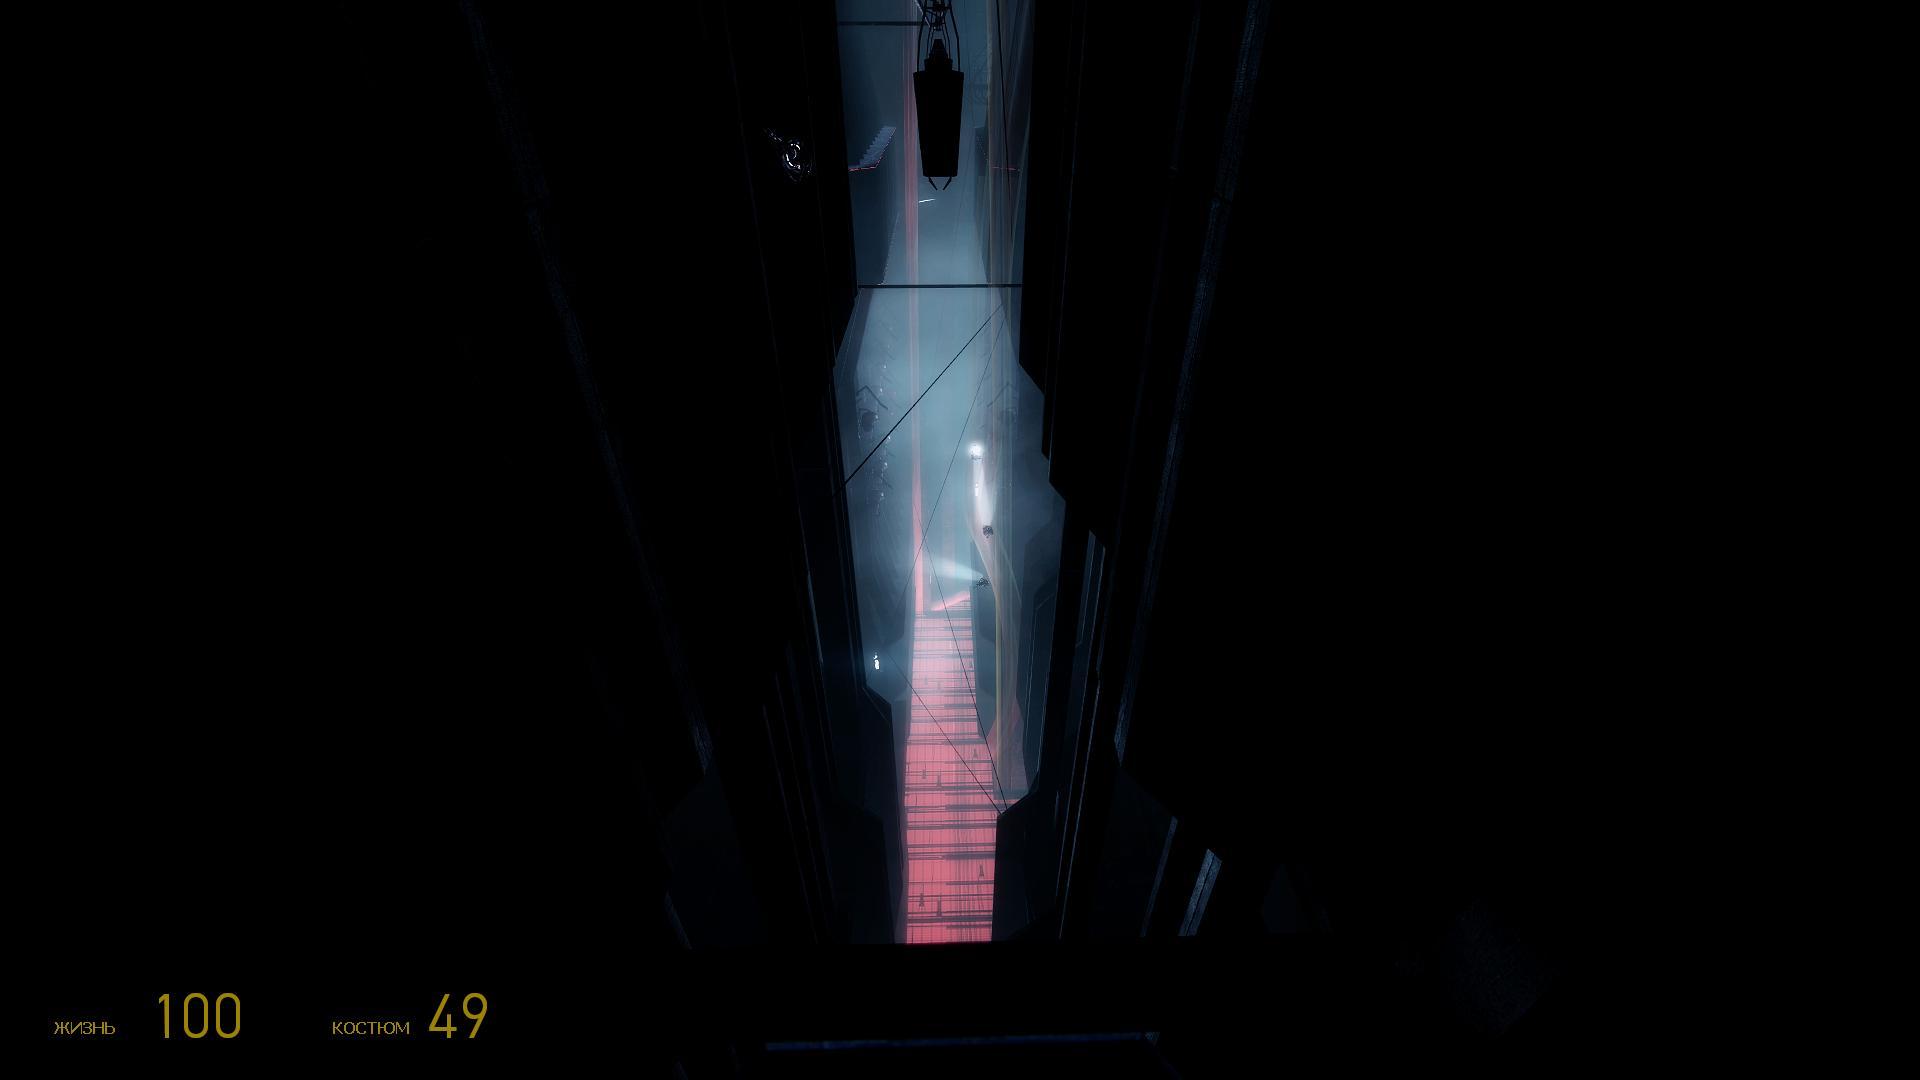 Half-Life 2 2018-09-06 21-50-51-38.jpg - Half-Life 2